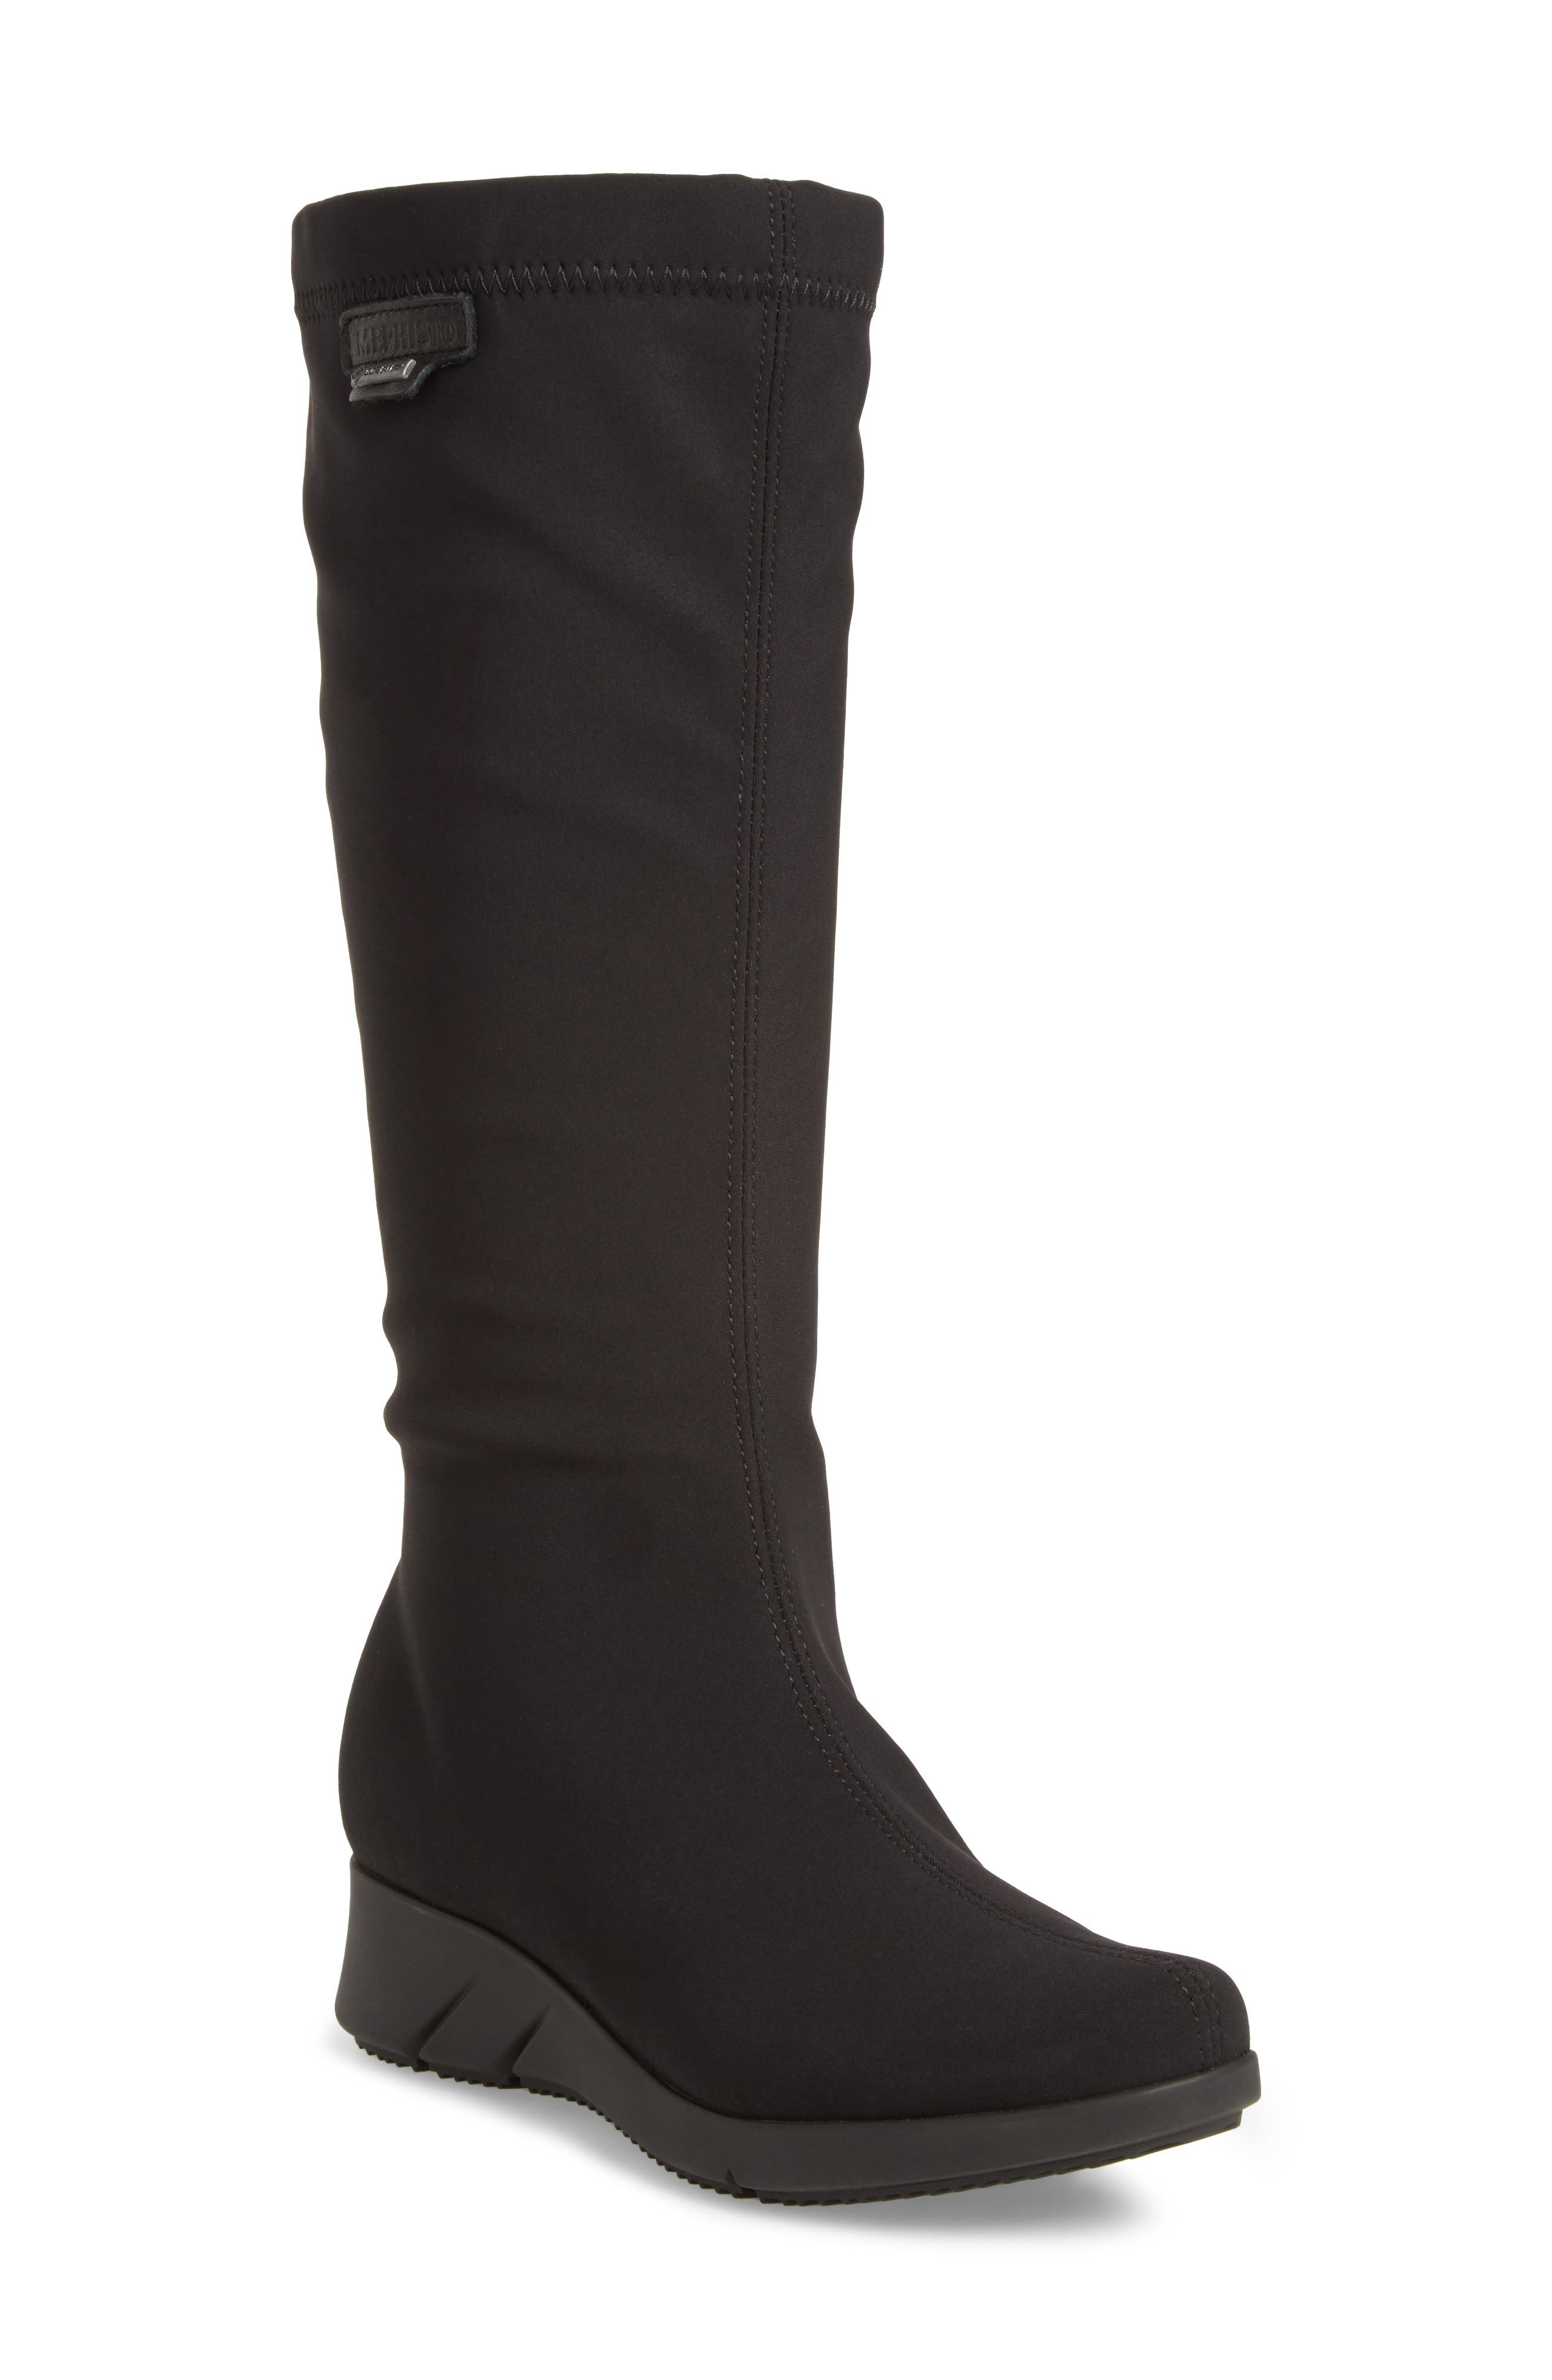 Minda Waterproof Wedge Boot,                         Main,                         color, Black Fabric